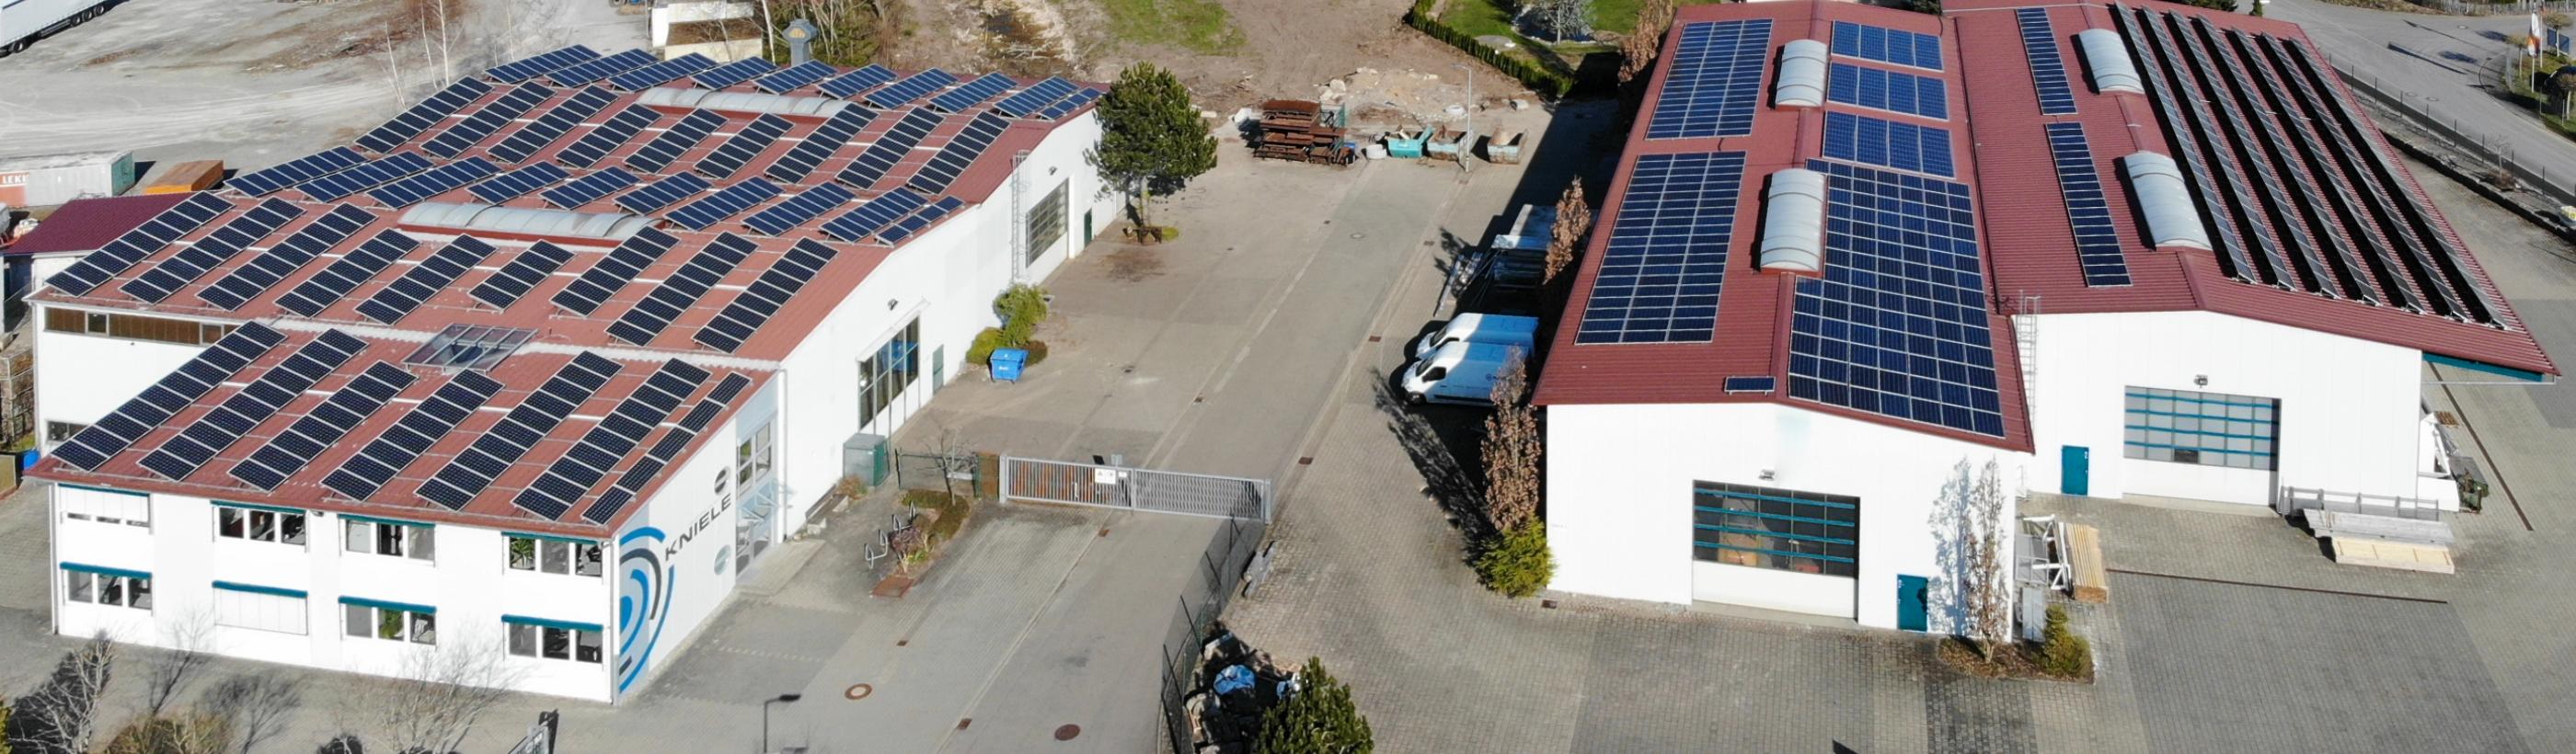 Vogelperspektive der Fertigungshallen von Kniele mit PV-Anlage auf dem Dach, Kniele Logo am Verwaltungsgebaeude.